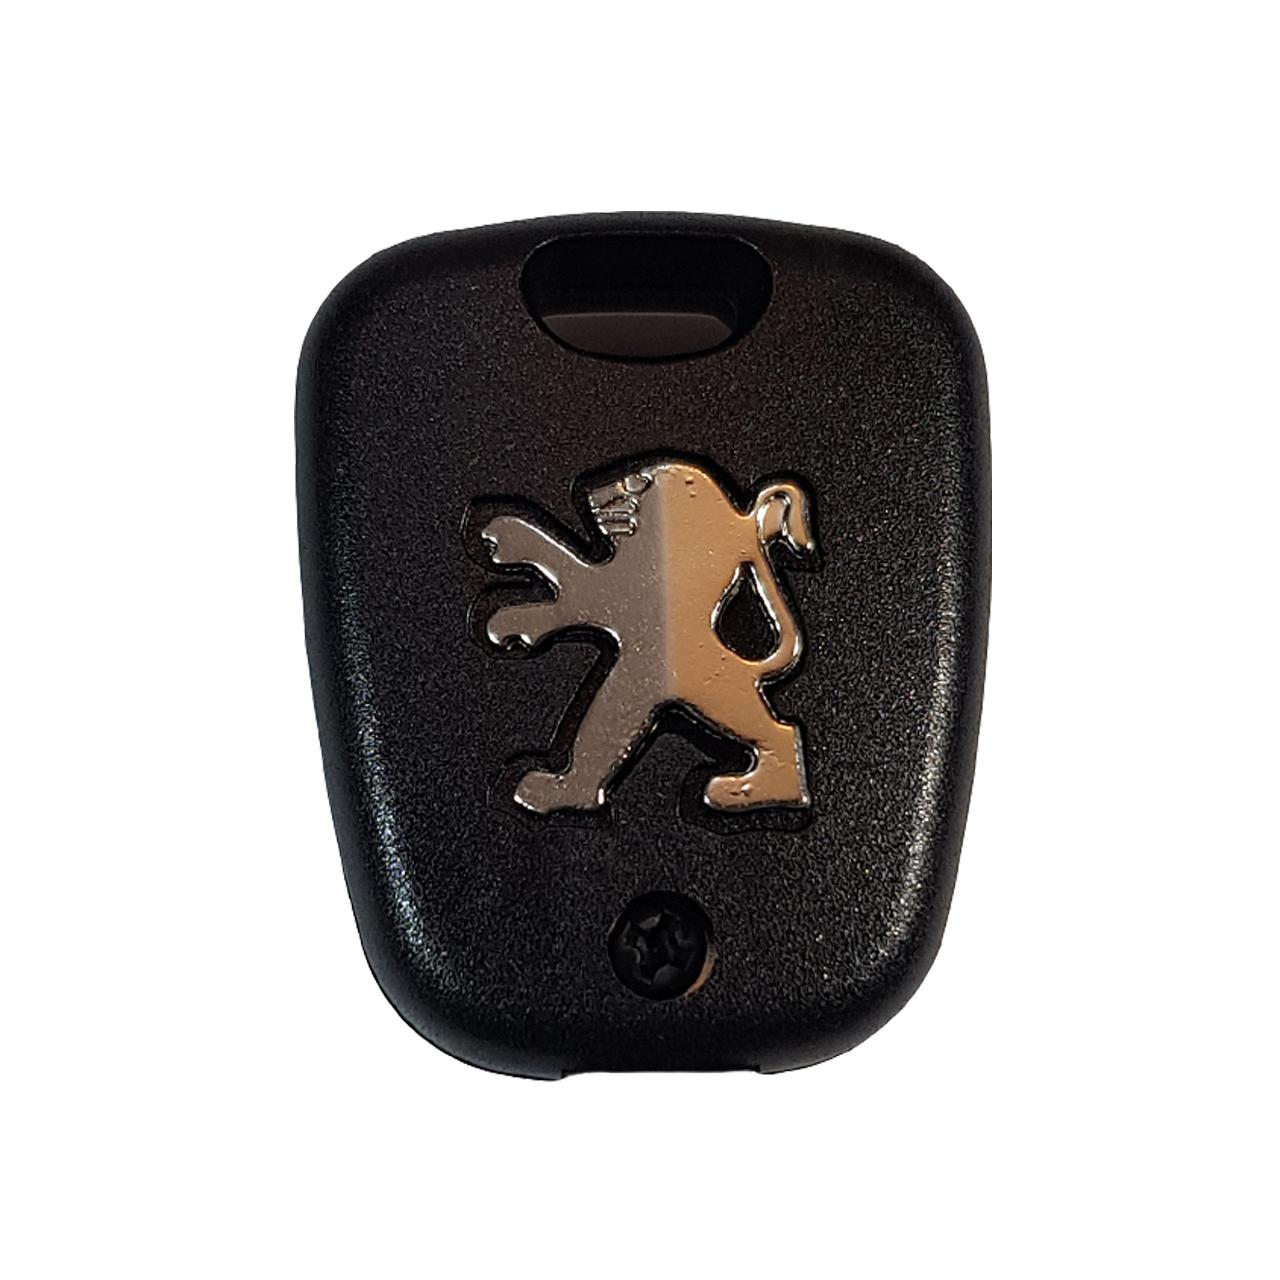 خرید اینترنتی                     قاب یدک ریموت خودرو مدل Galleria-Pug01 مناسب برای پژو 206